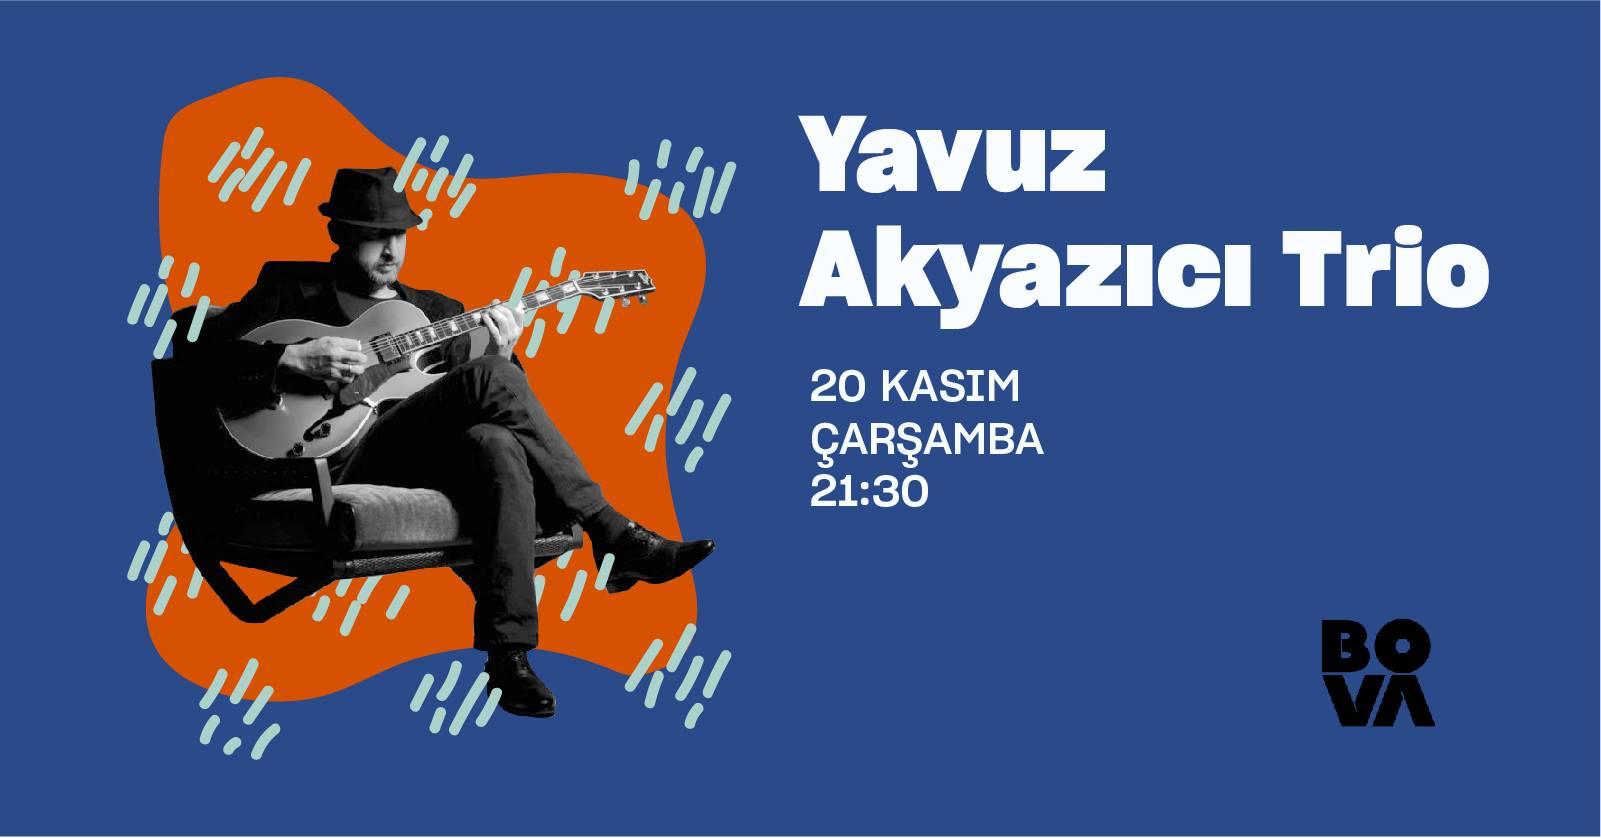 Yavuz Akyazıcı Trio @BoVa